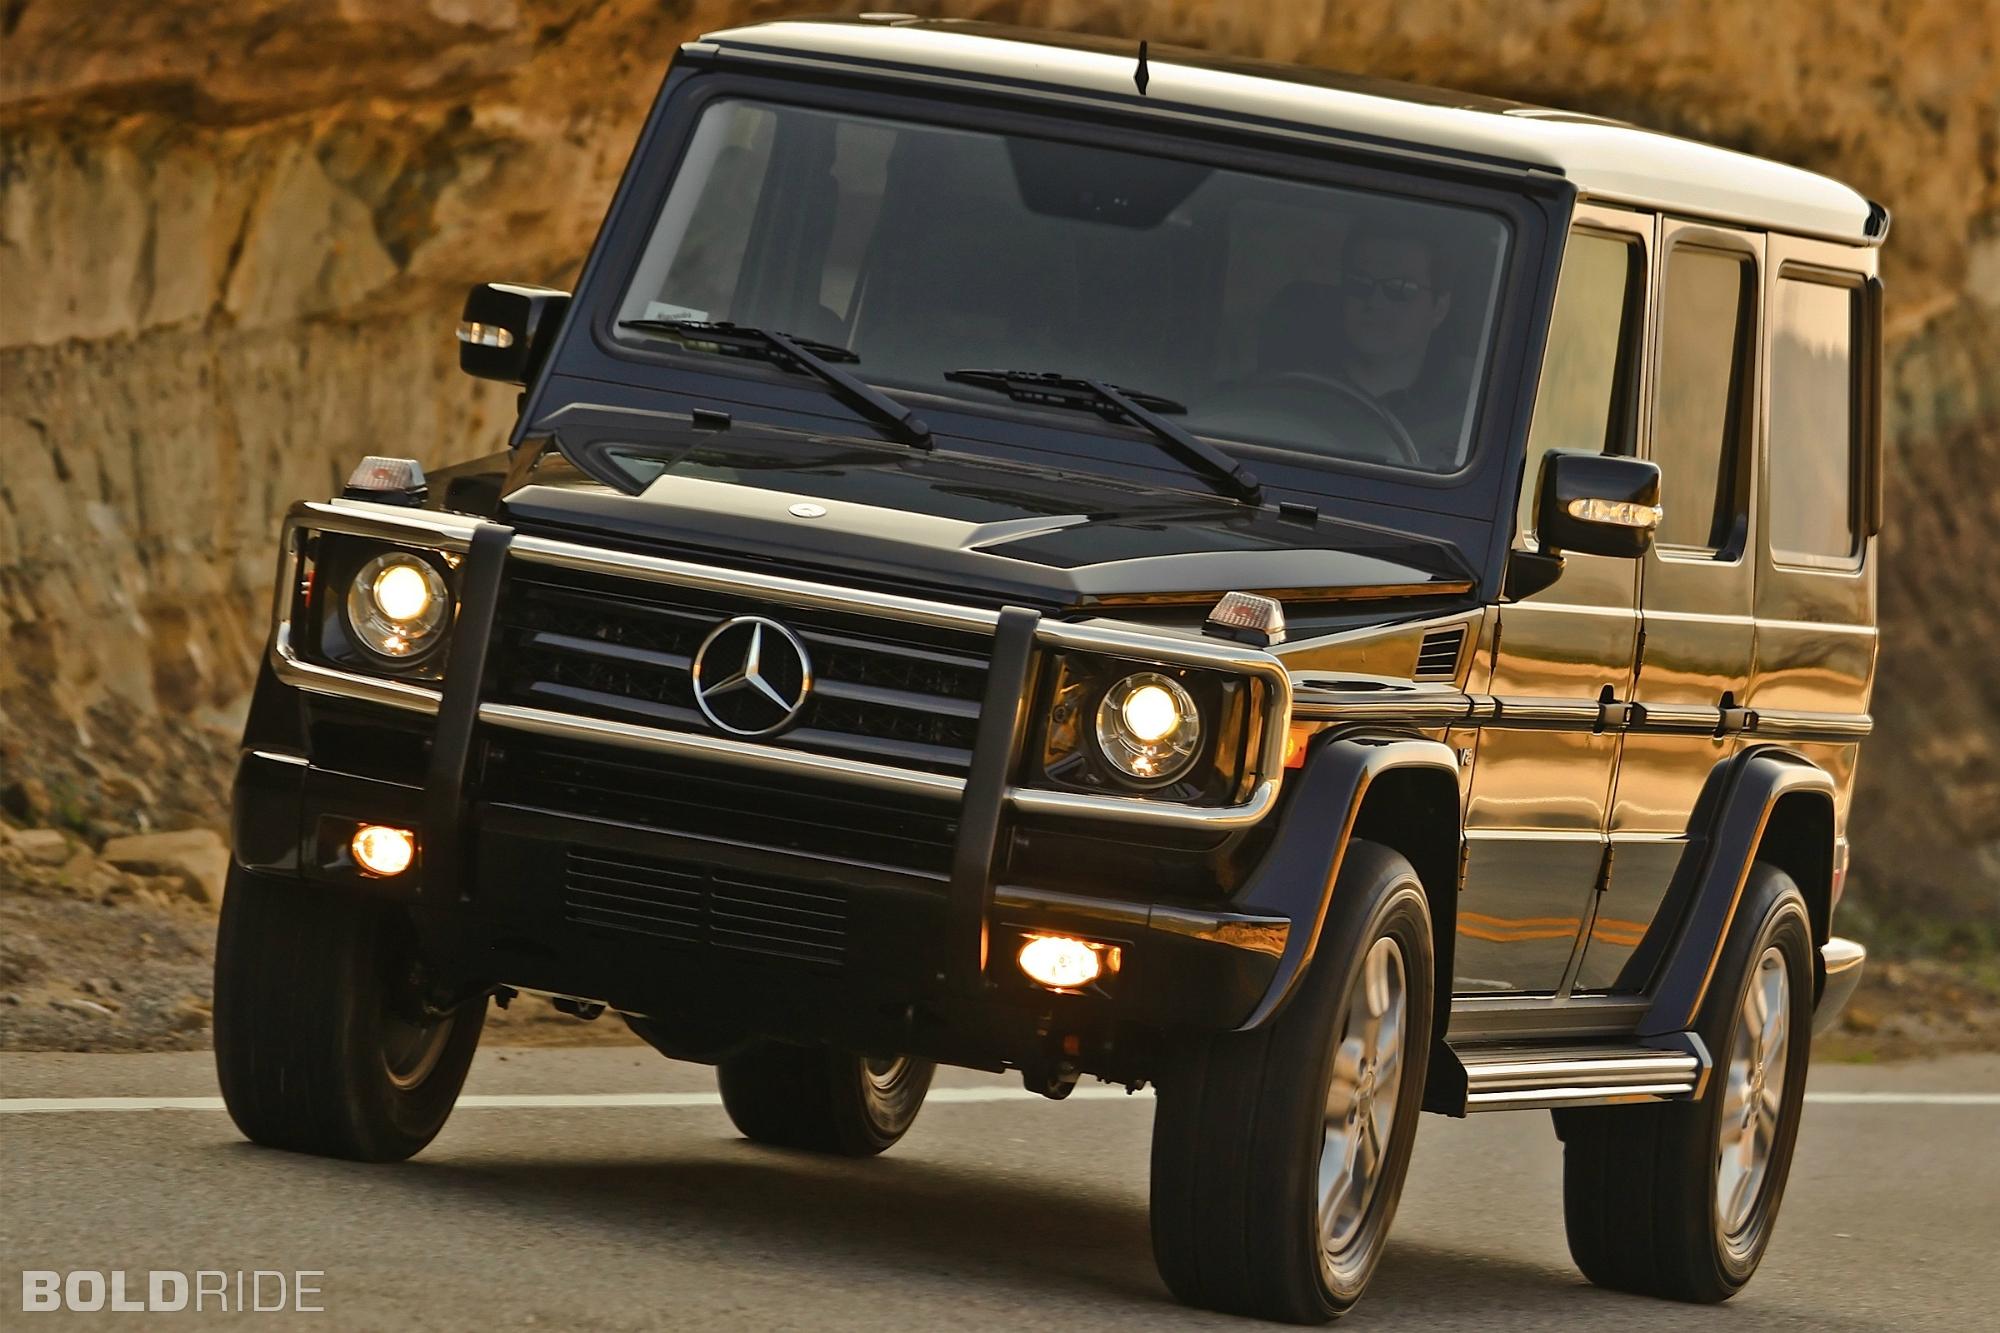 2009 Mercedes Benz G Class Image 11